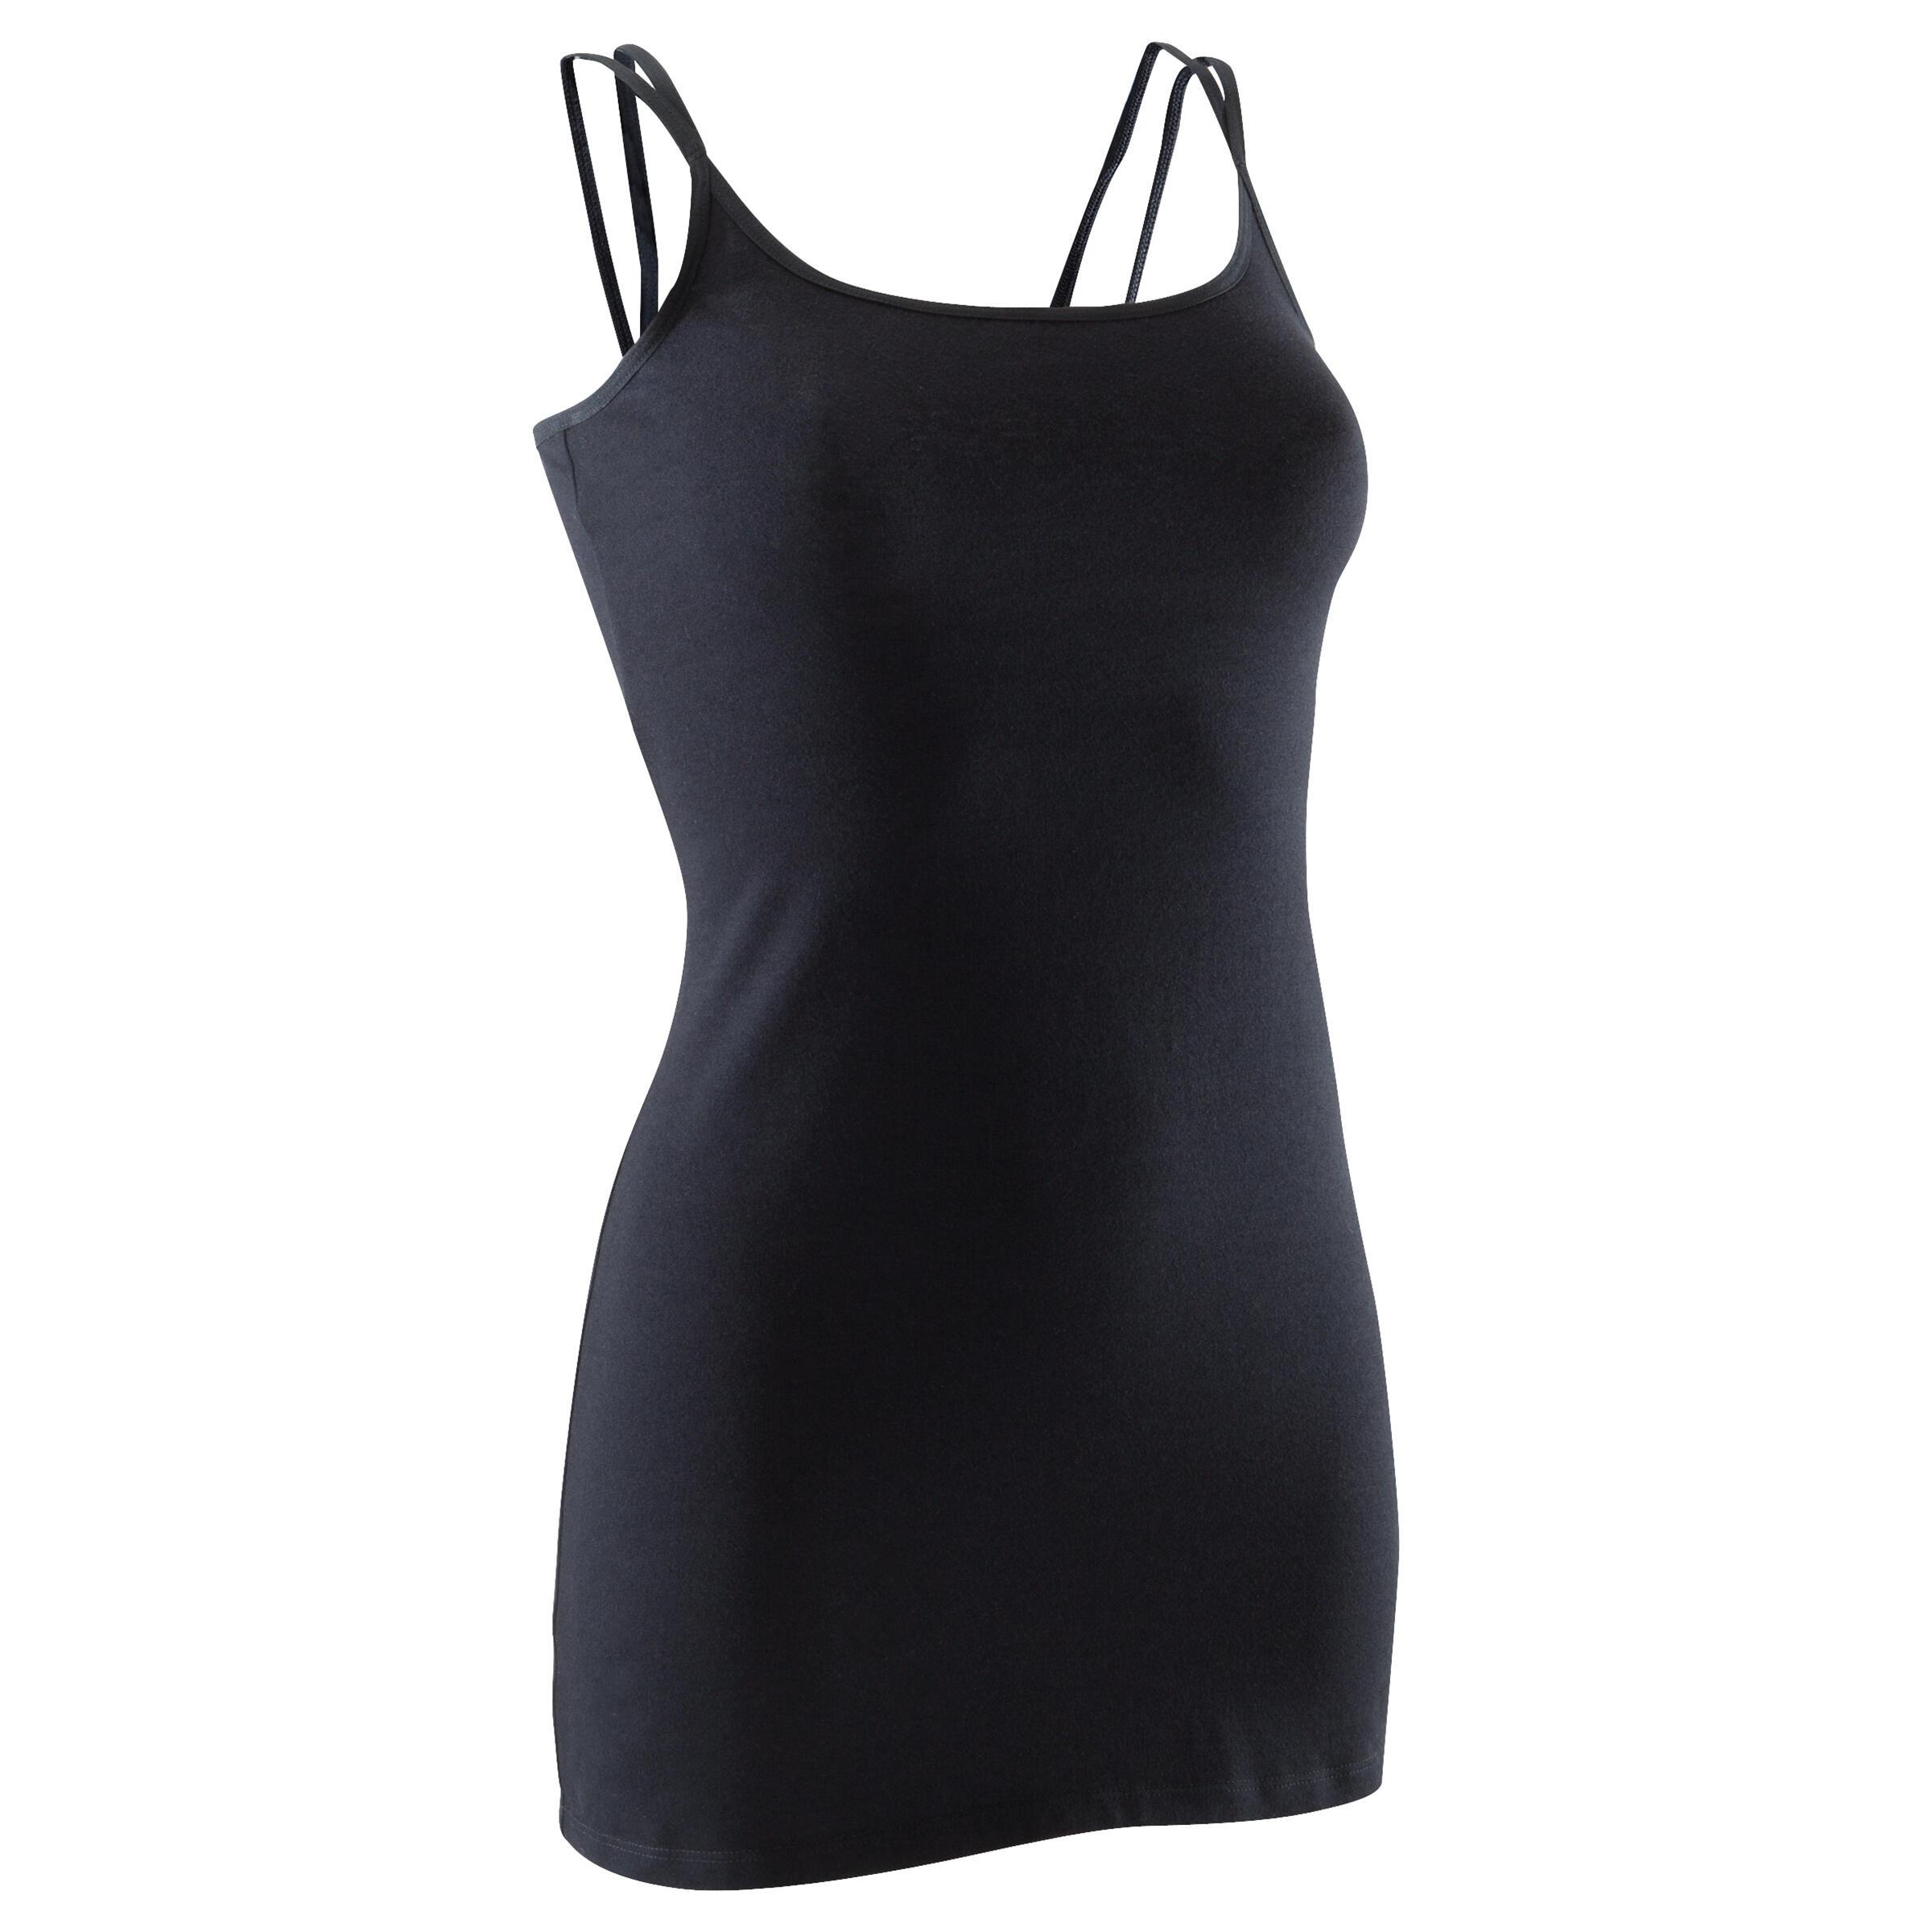 Blusa negra de danza con tirantes finos de danza para mujer